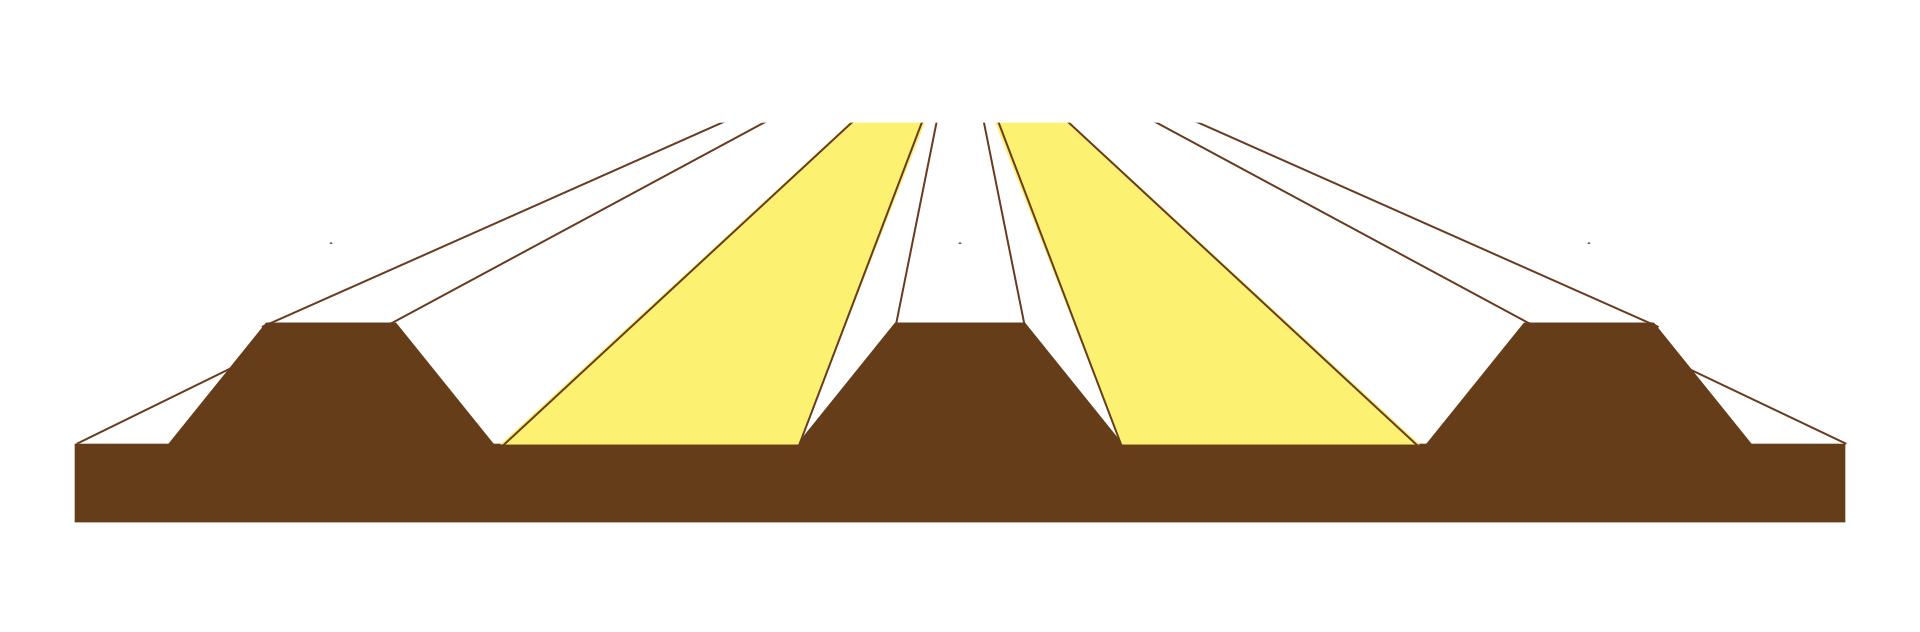 畝の断面図